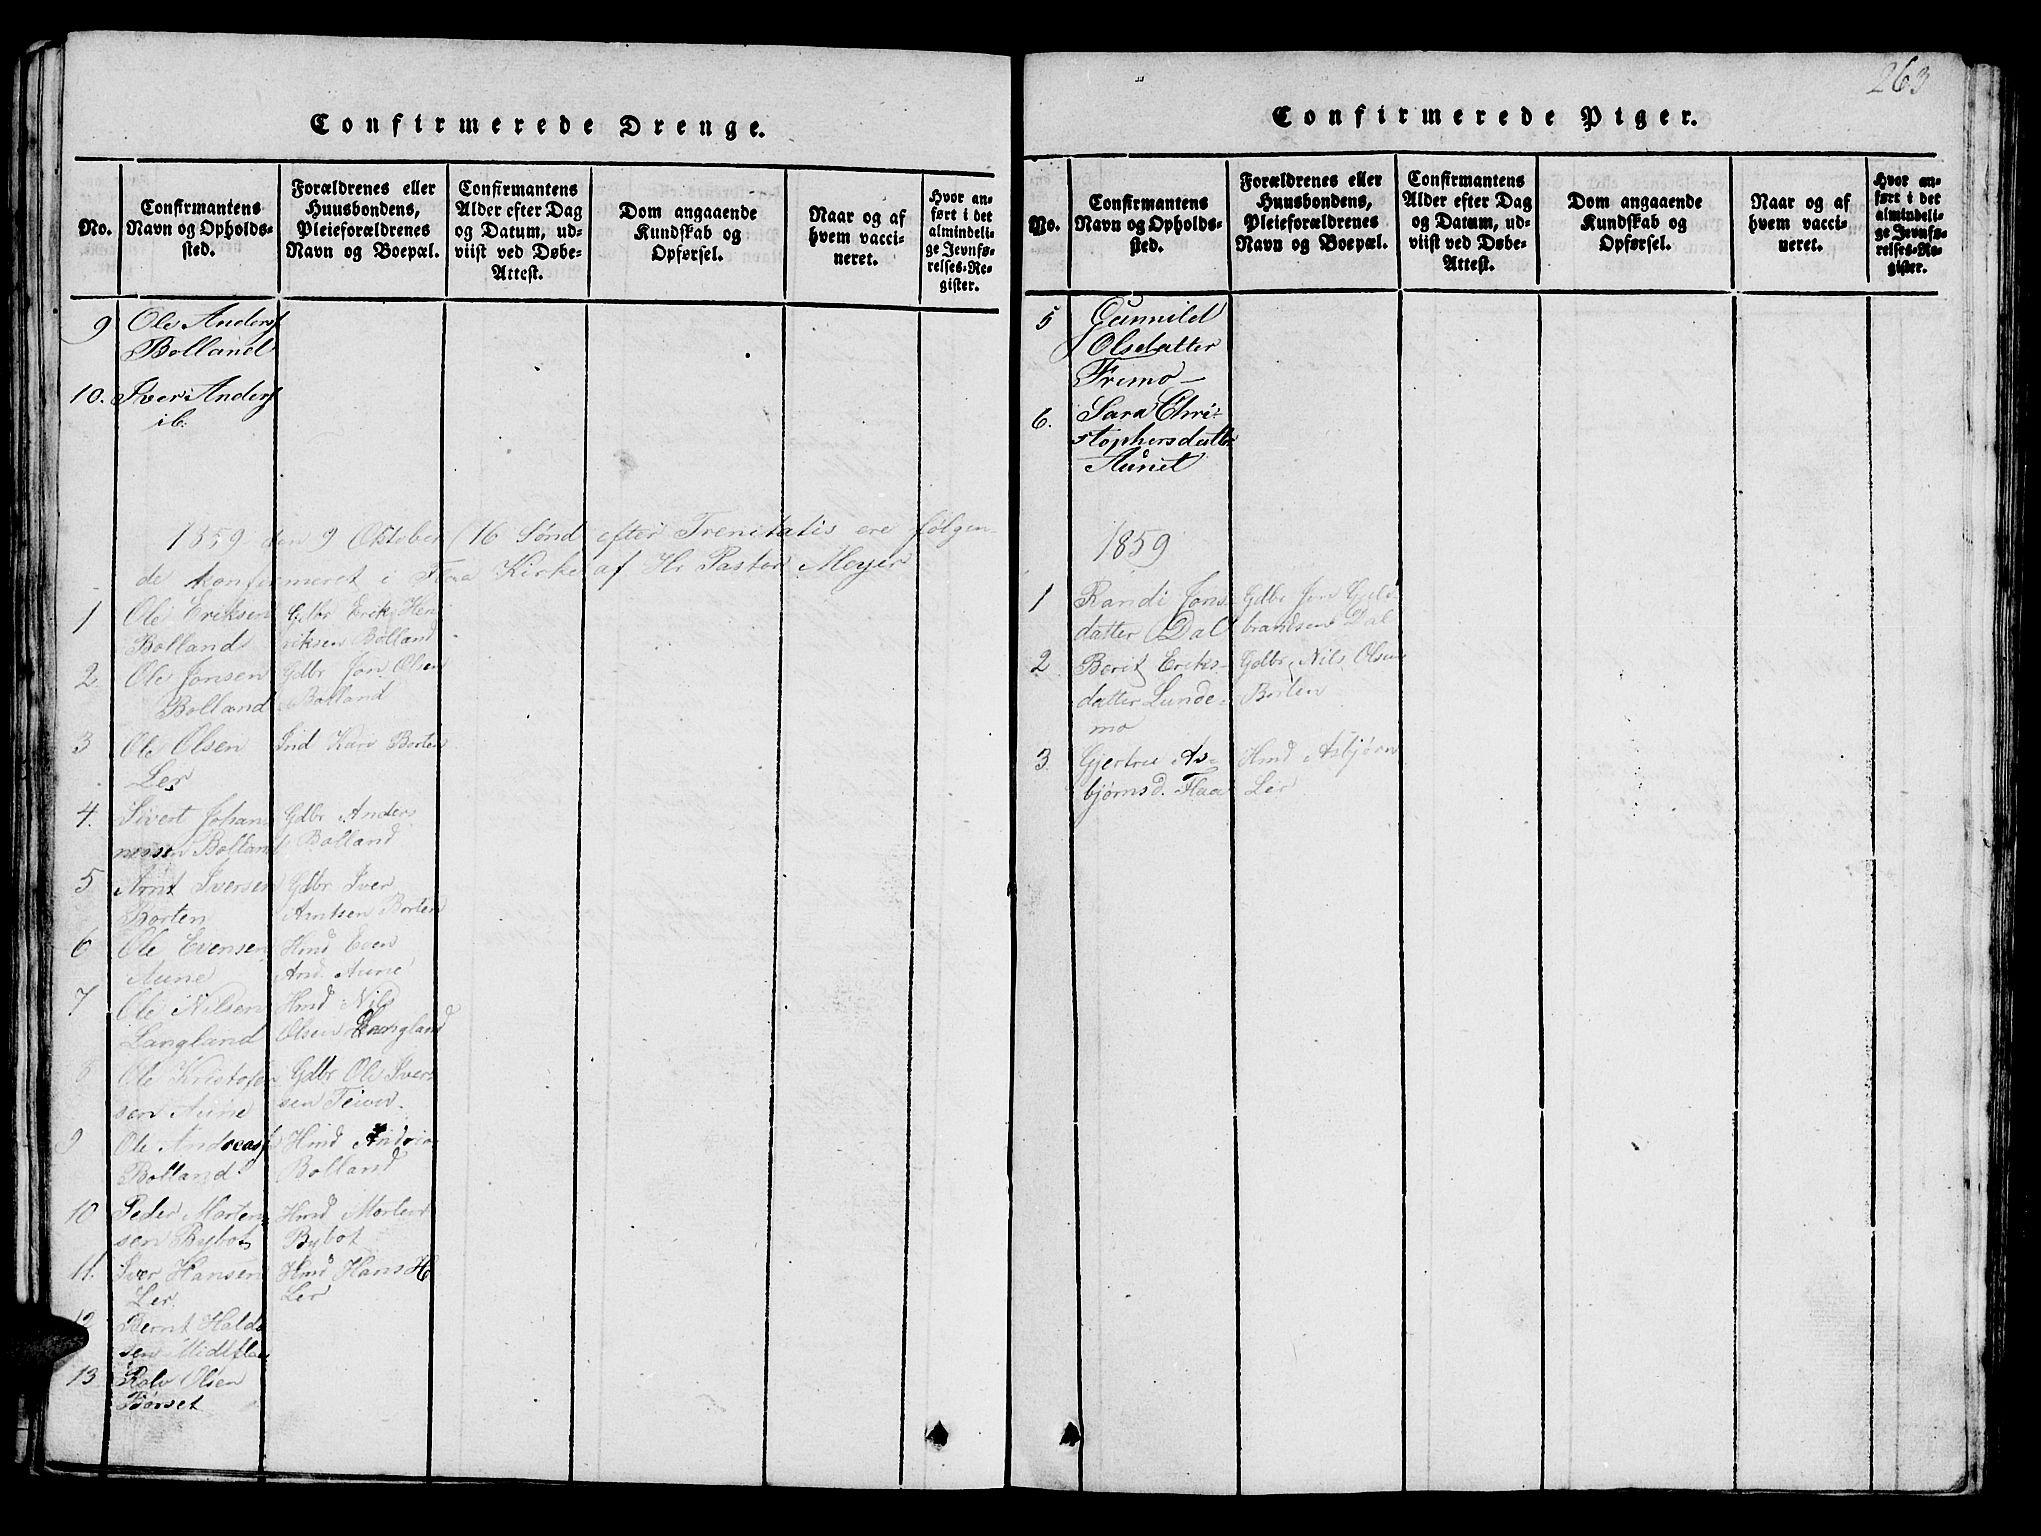 SAT, Ministerialprotokoller, klokkerbøker og fødselsregistre - Sør-Trøndelag, 693/L1121: Klokkerbok nr. 693C02, 1816-1869, s. 263